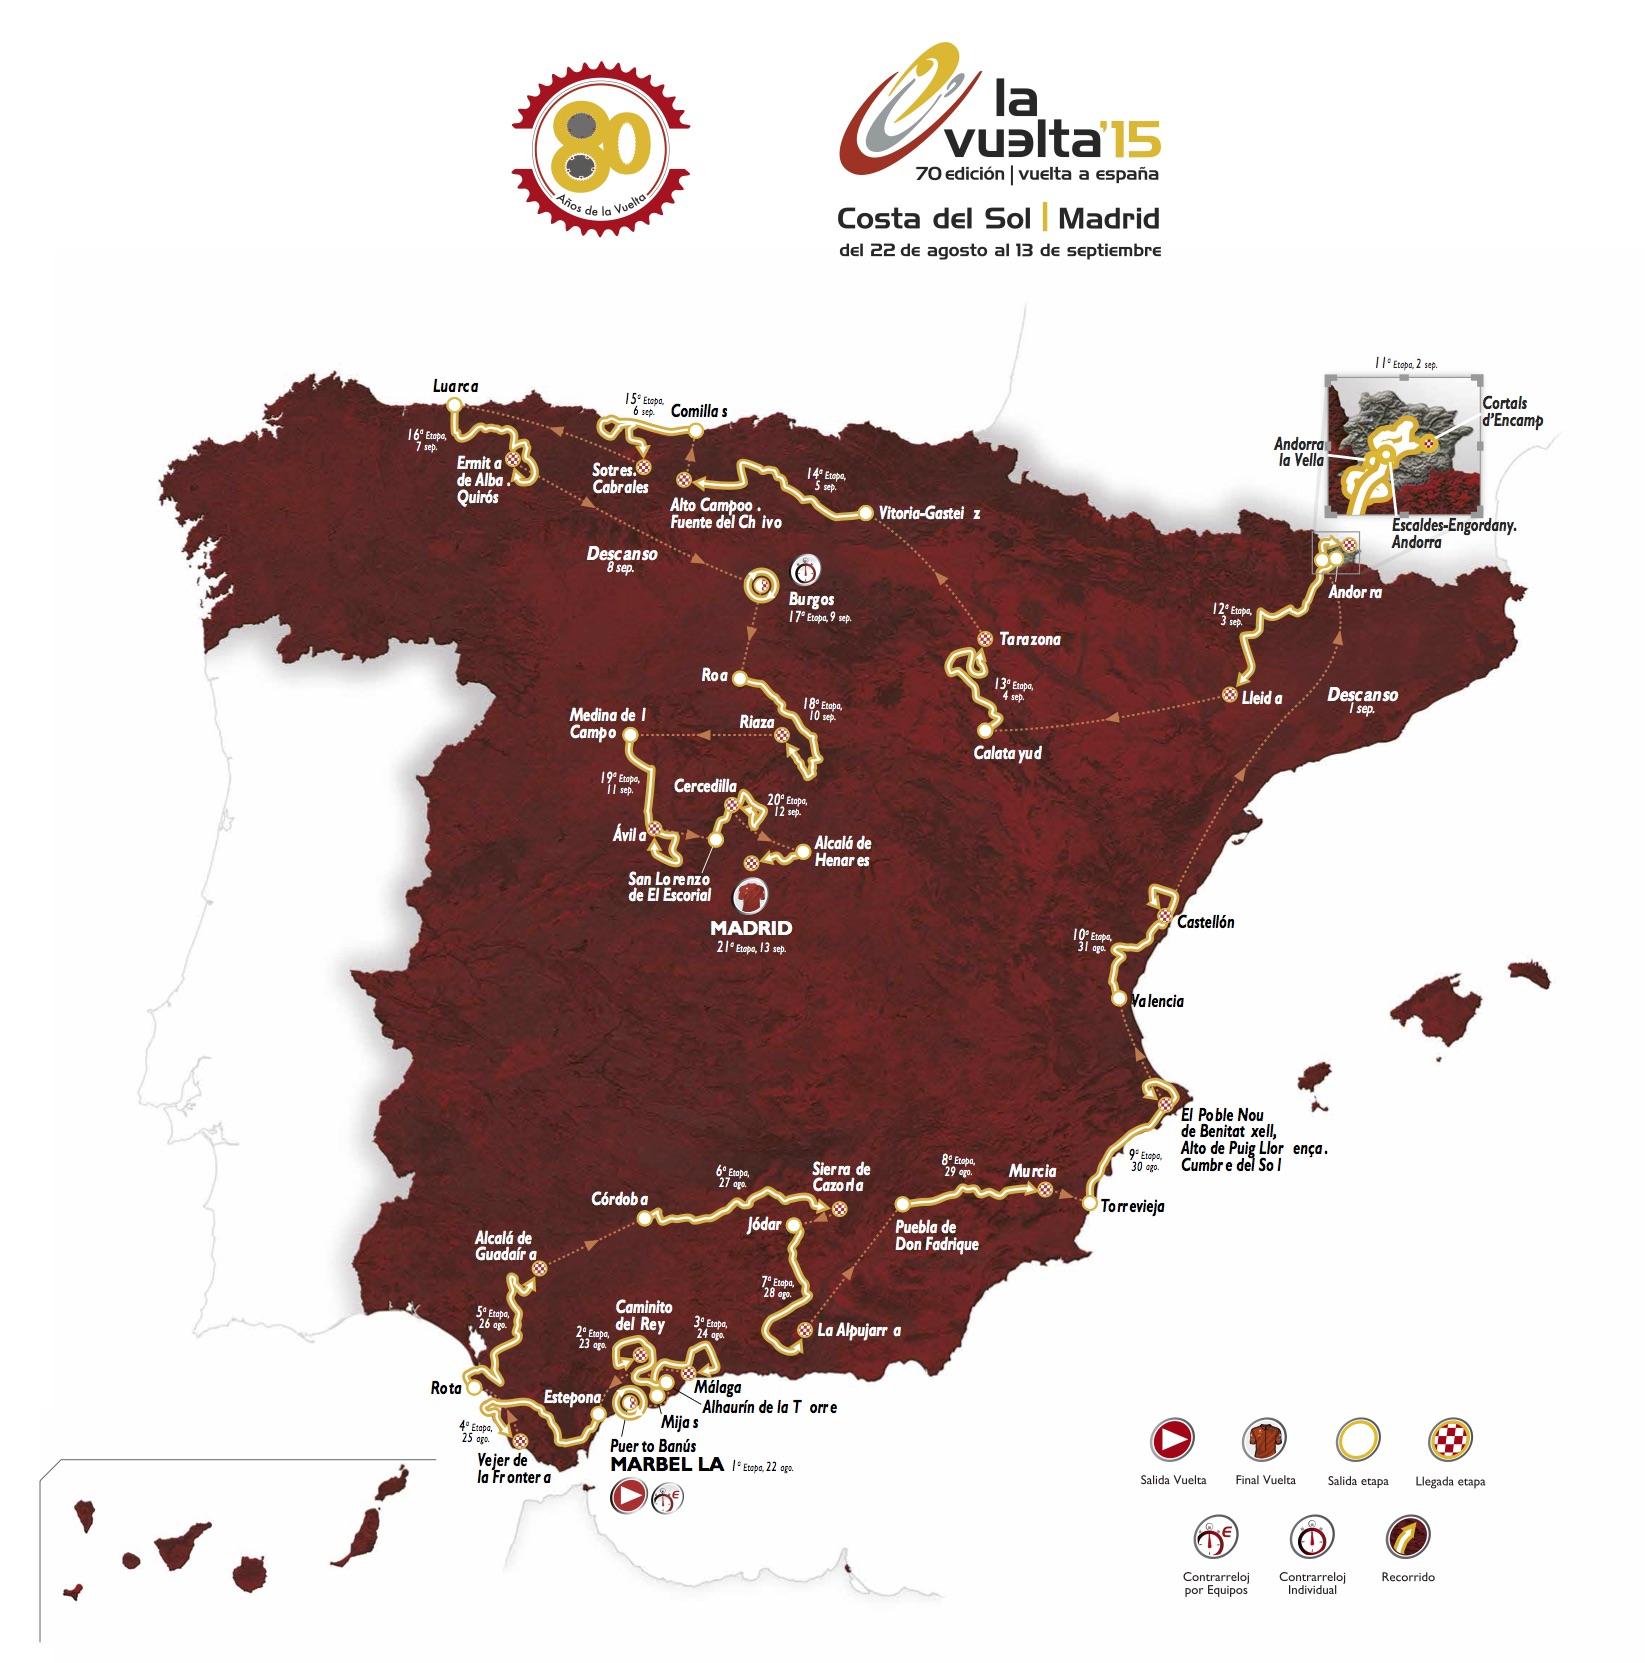 VUE_2015_MAP